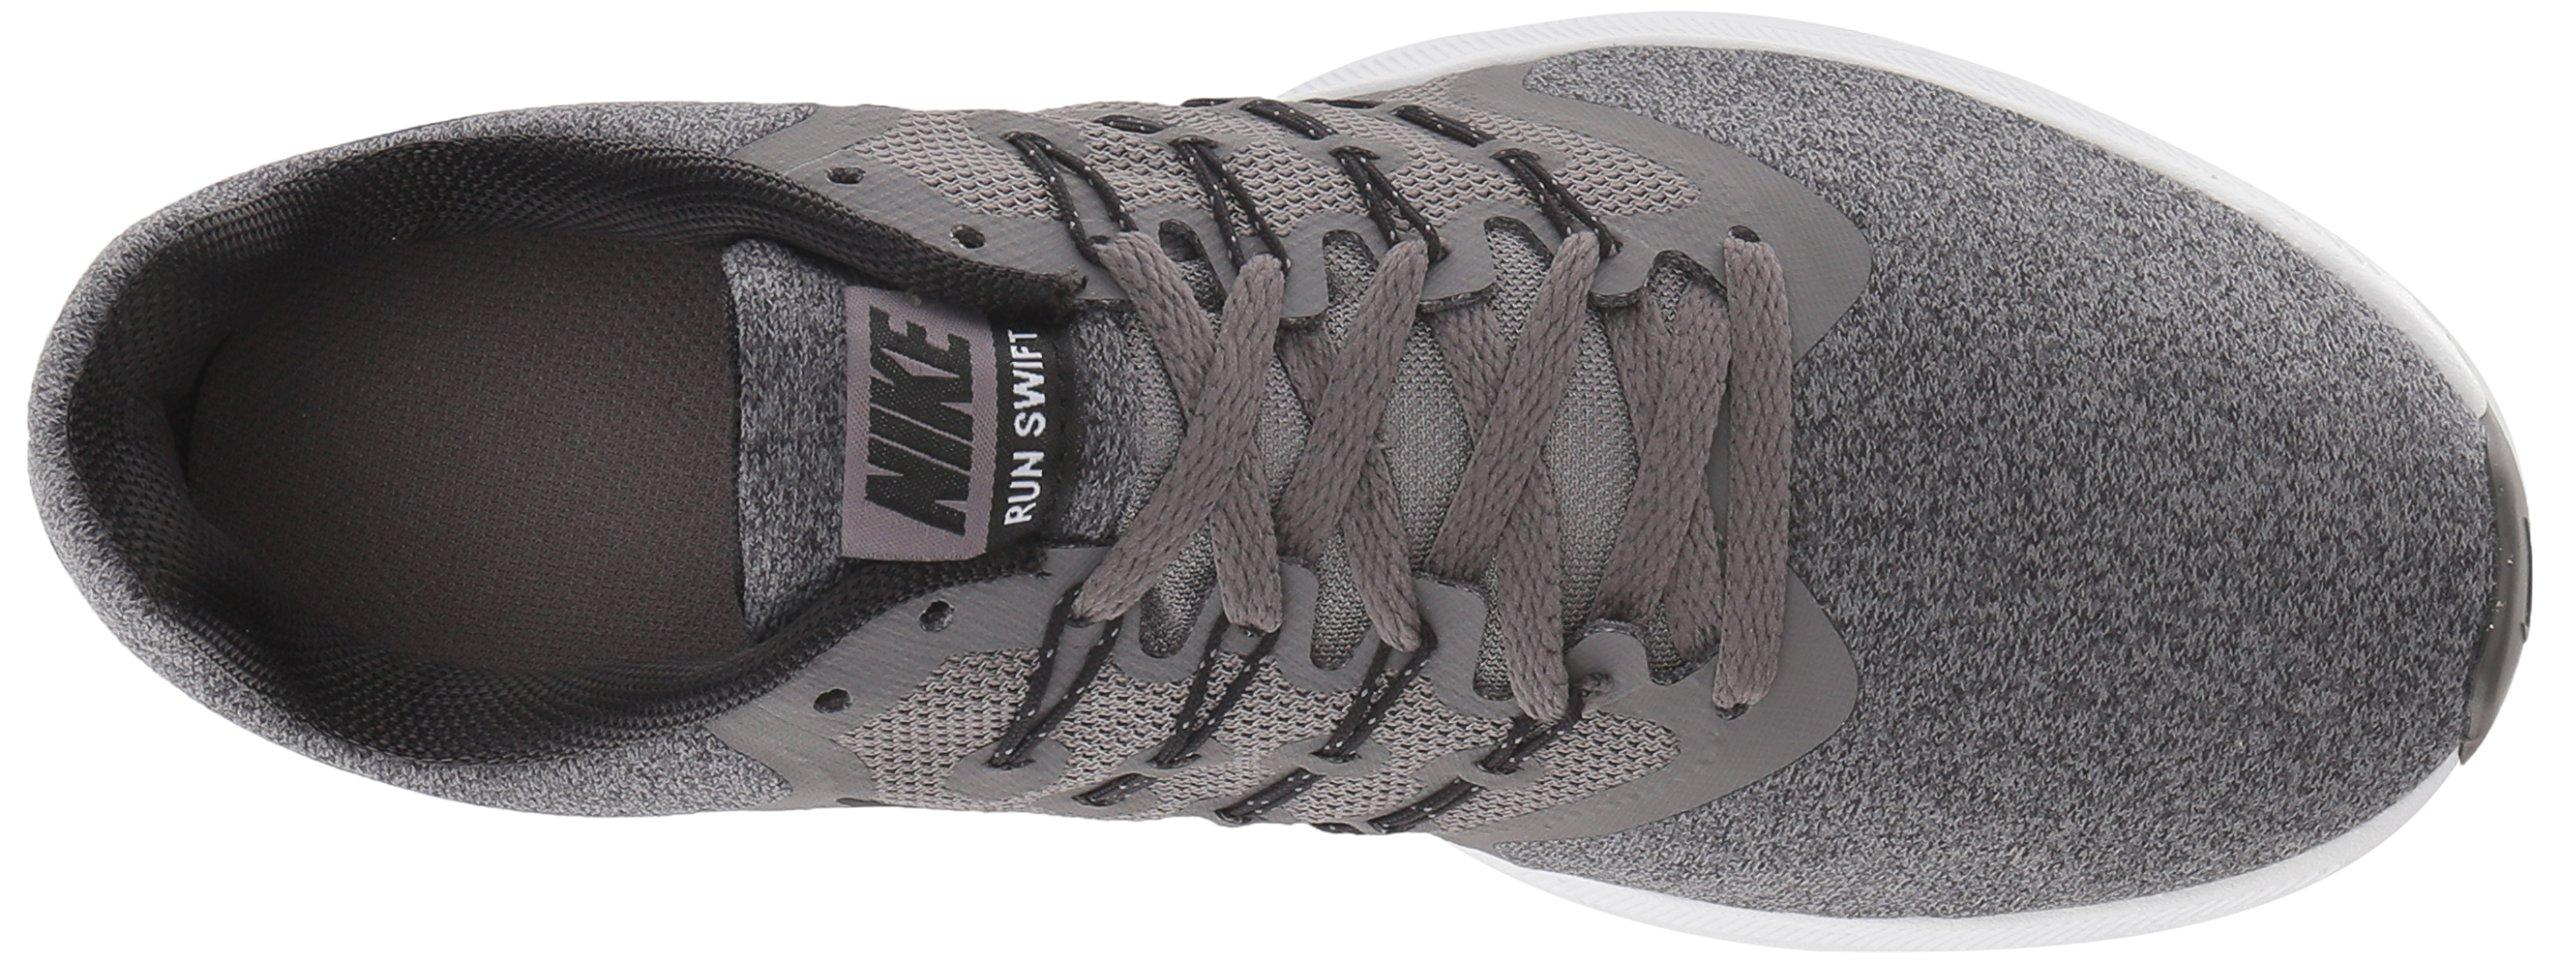 81z%2BTP4%2BEAL - Nike WMNS Run Swift Womens 909006-401